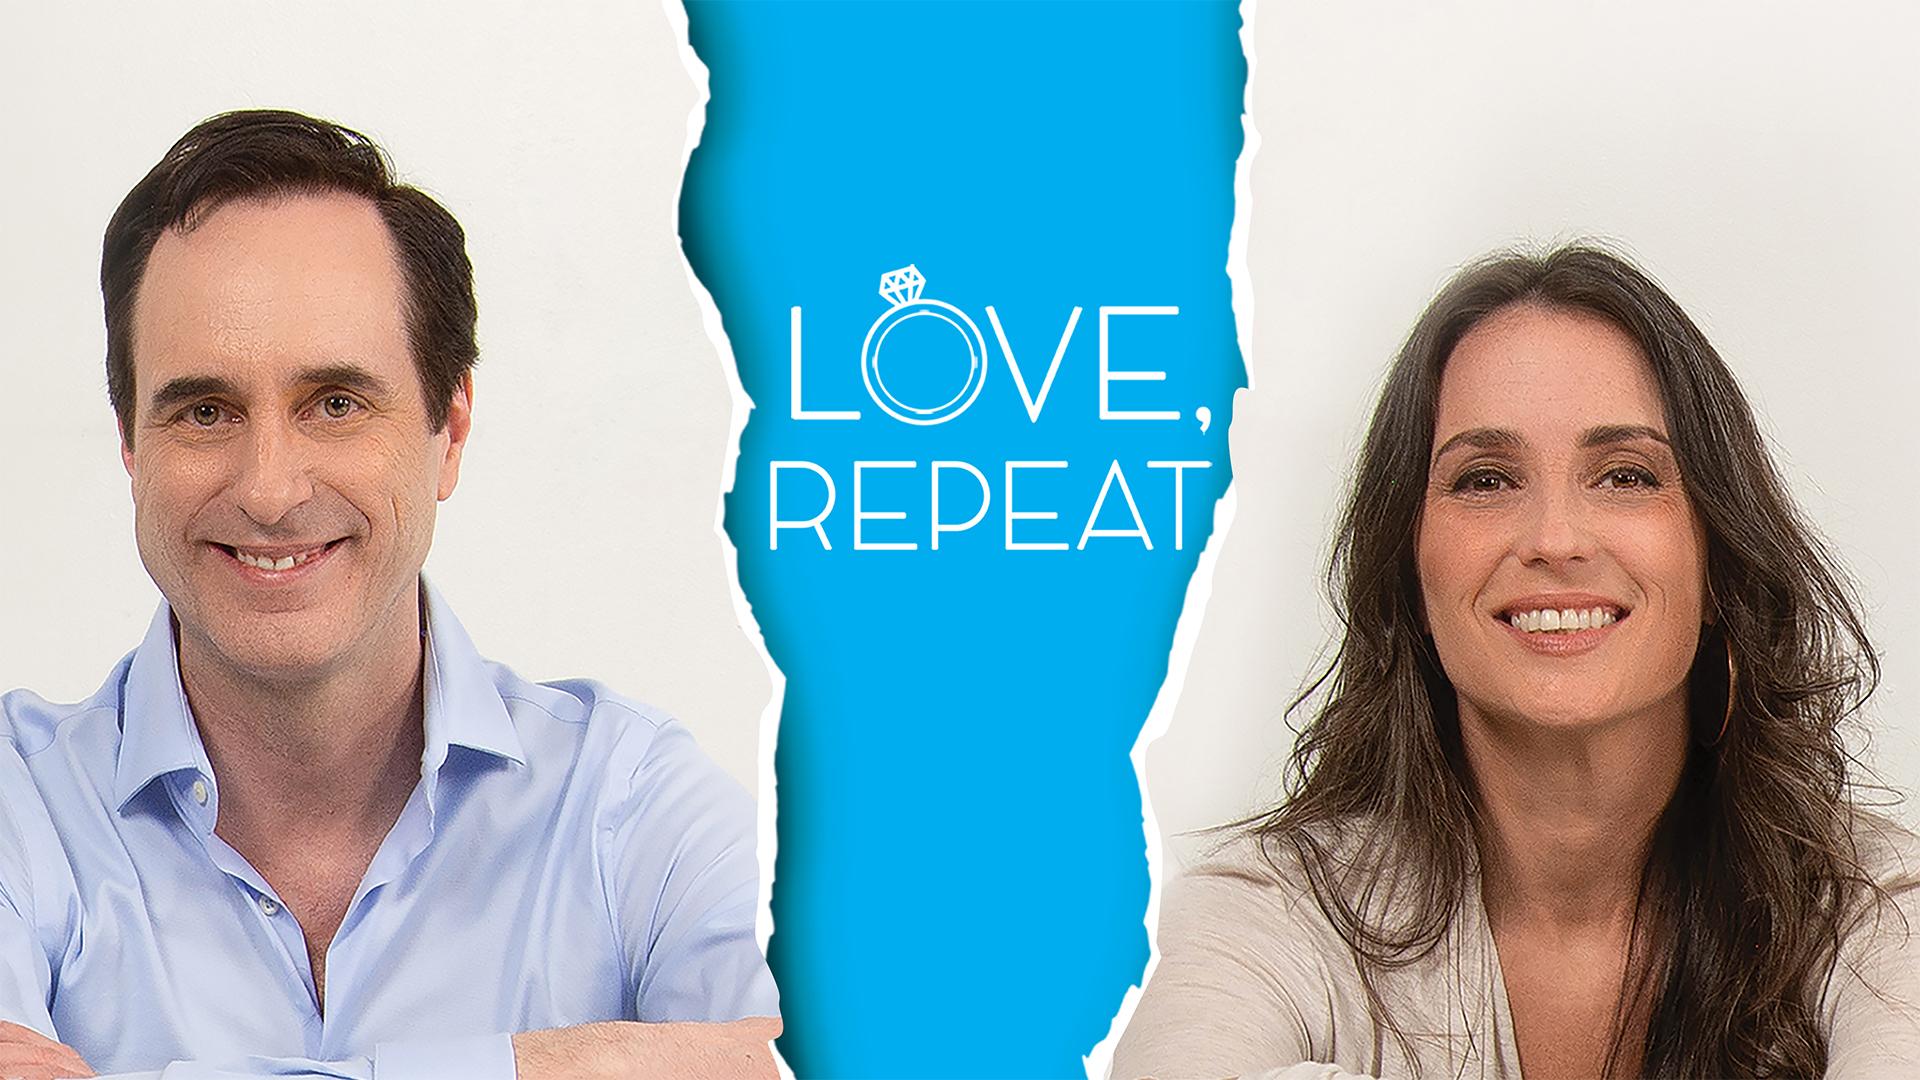 Love, Repeat